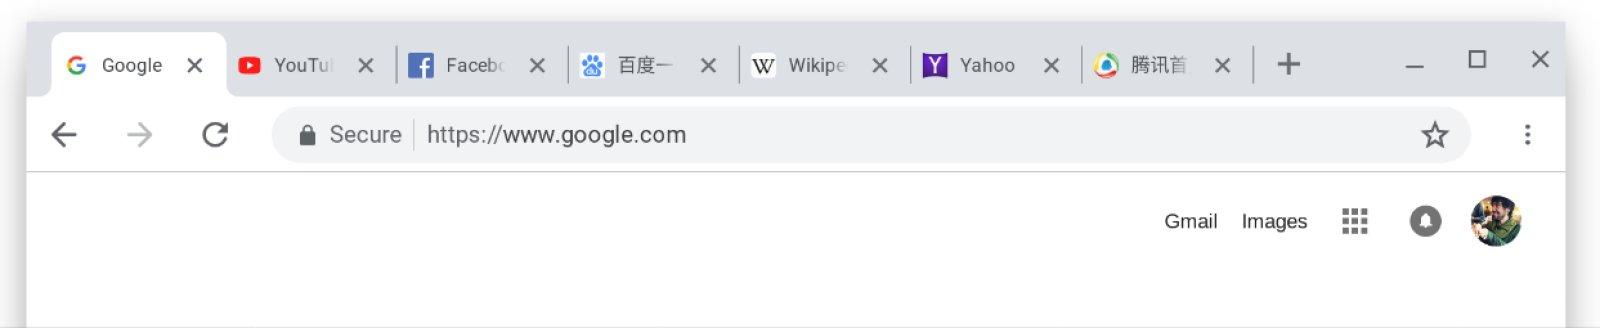 گوگل کروم